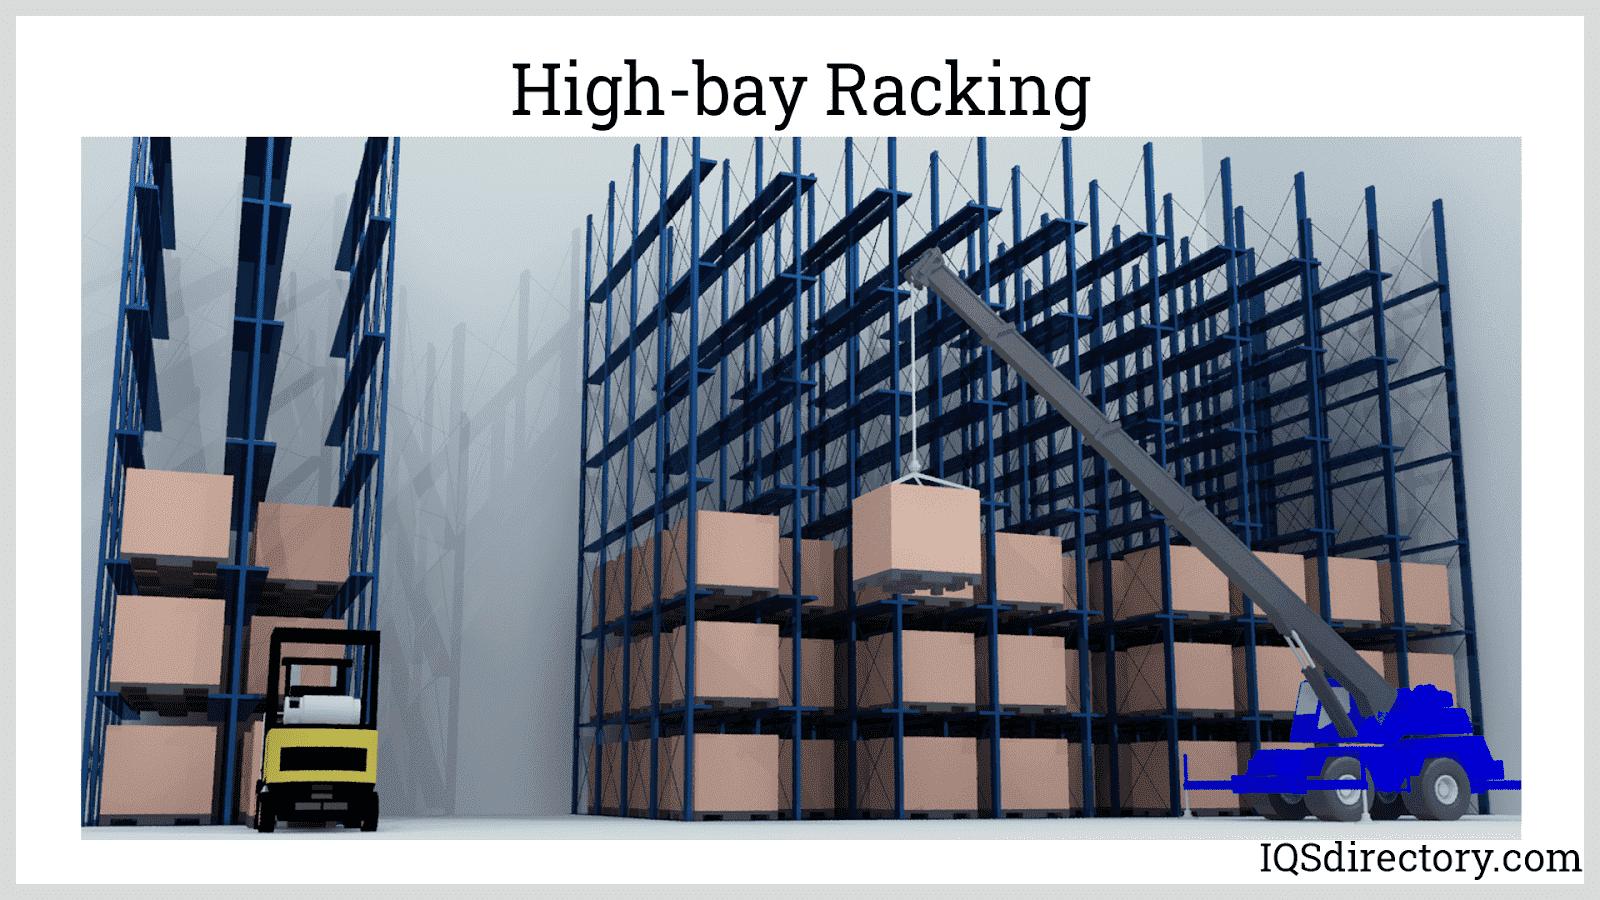 High-bay Racking